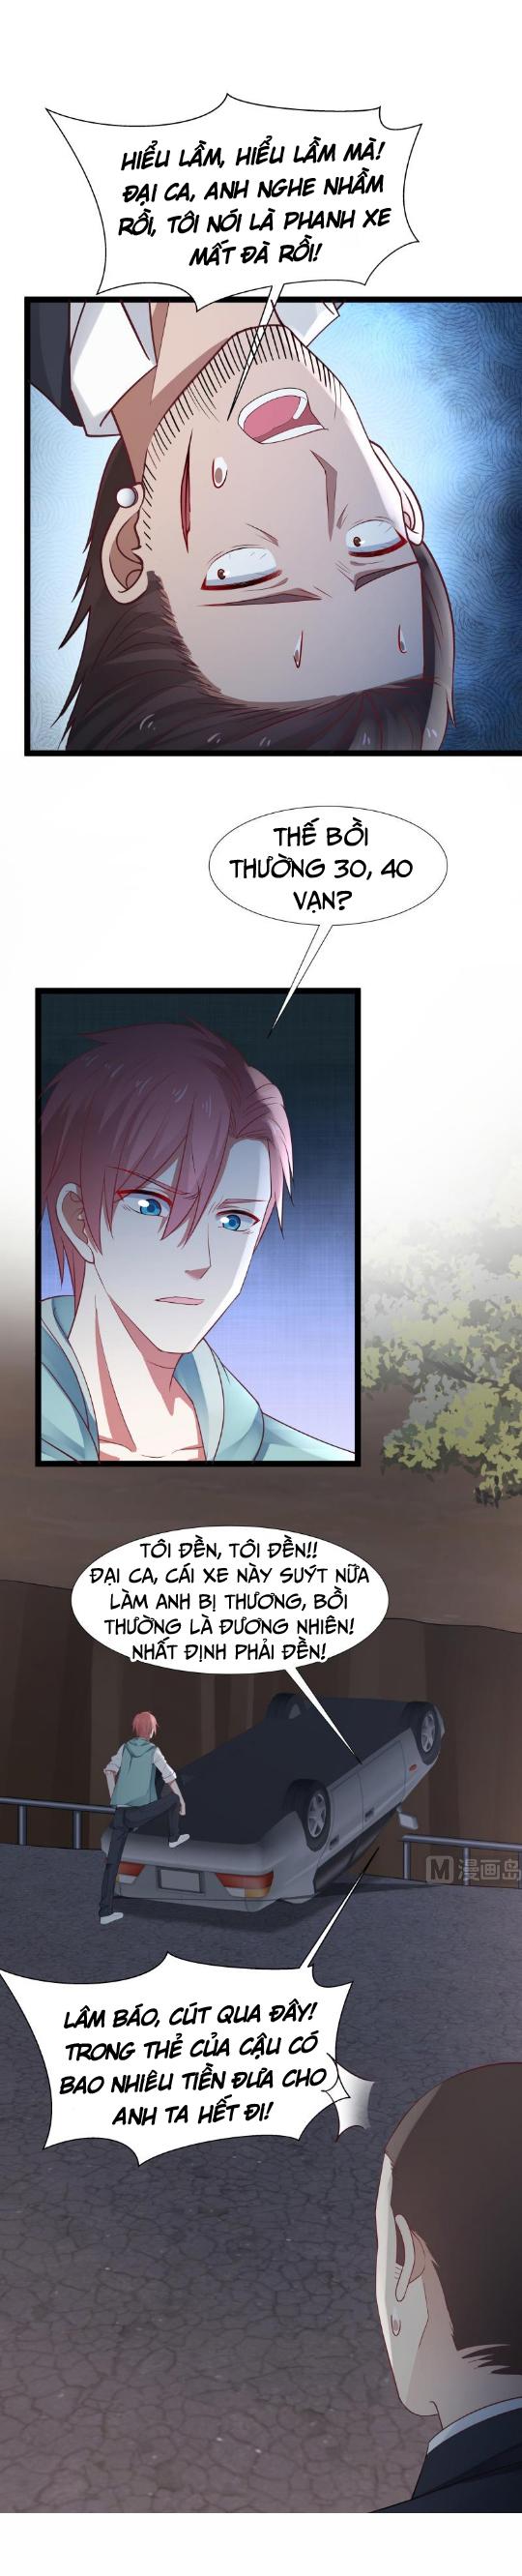 Trên Người Ta Có Một Con Rồng chap 18 - Trang 6